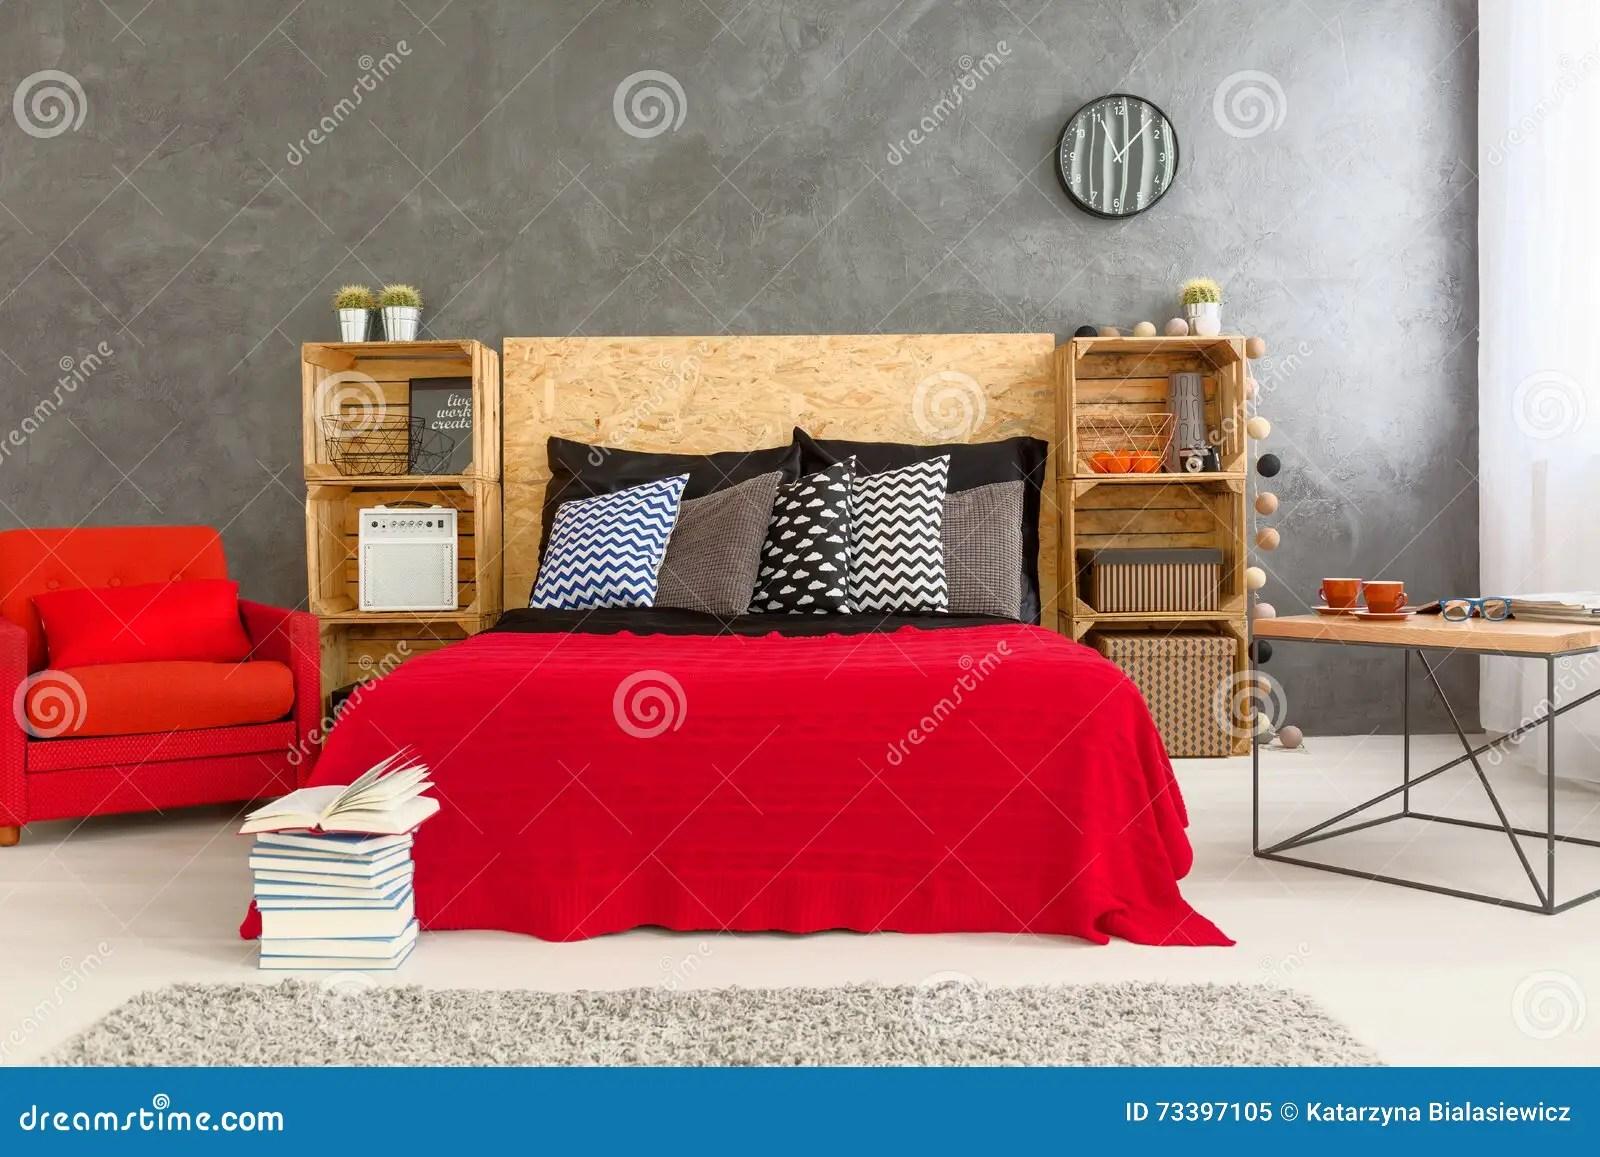 Slaapkamer In Rood En Grijs Stock Afbeelding  Afbeelding